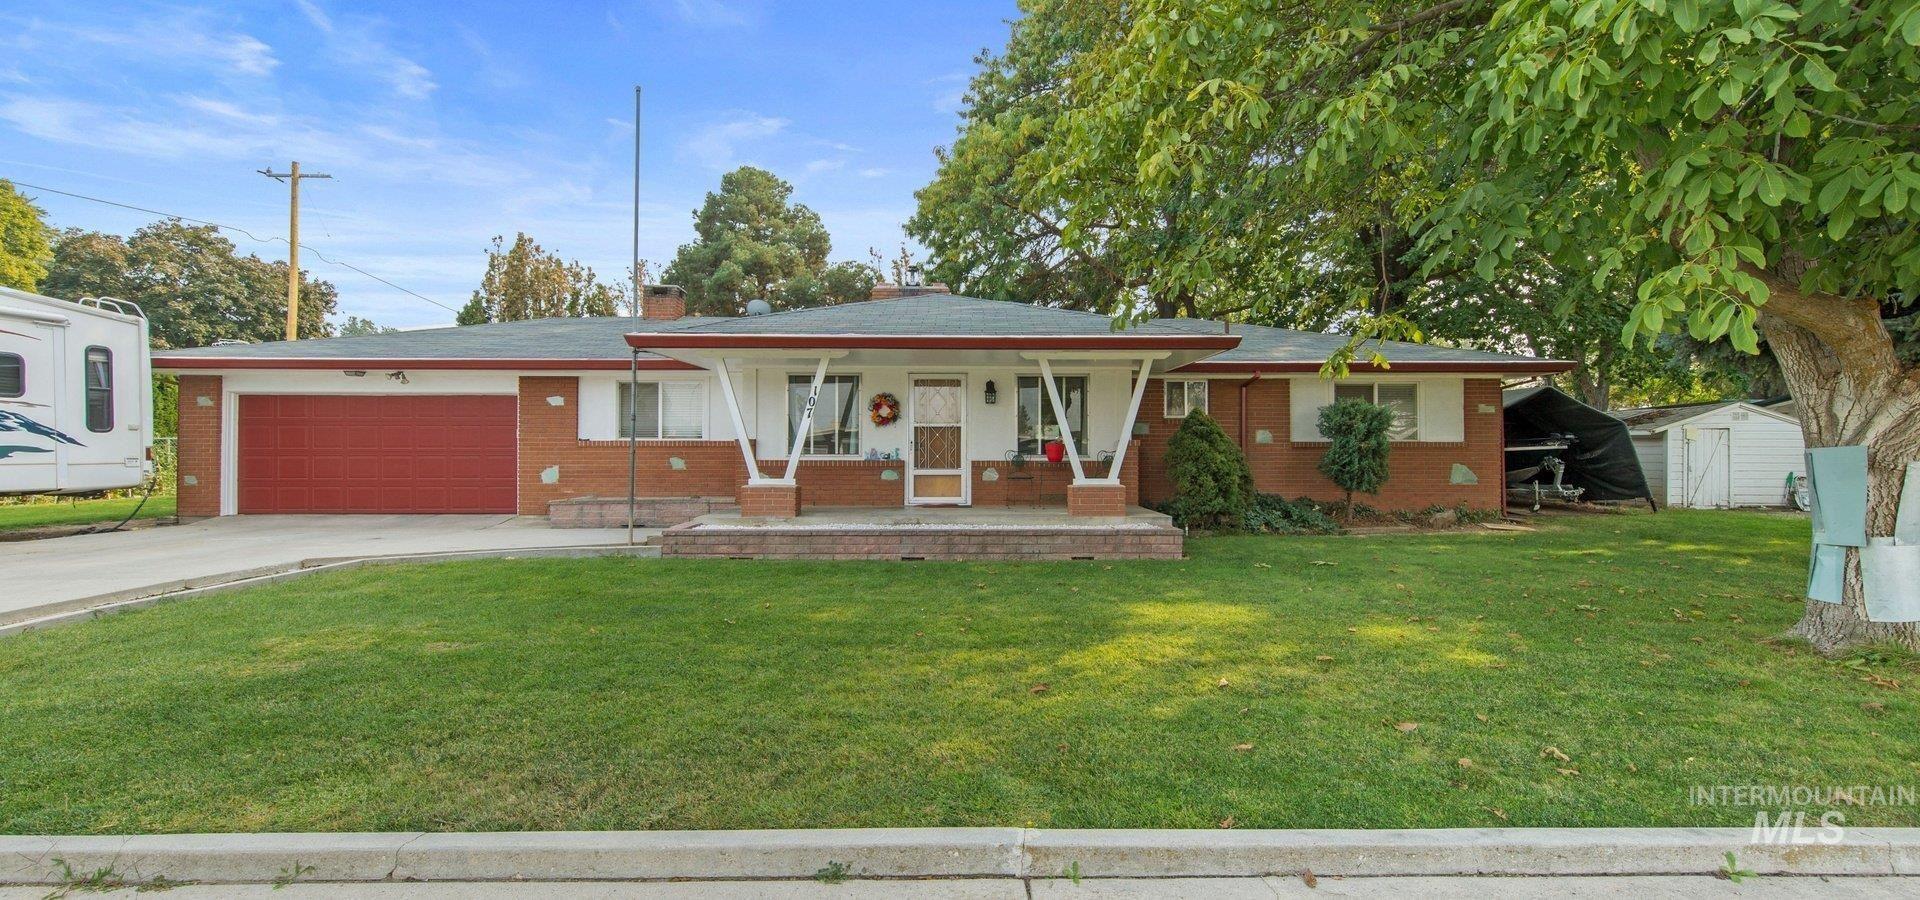 107 Hilldrop Street, Caldwell, ID 83605 - MLS#: 98818133